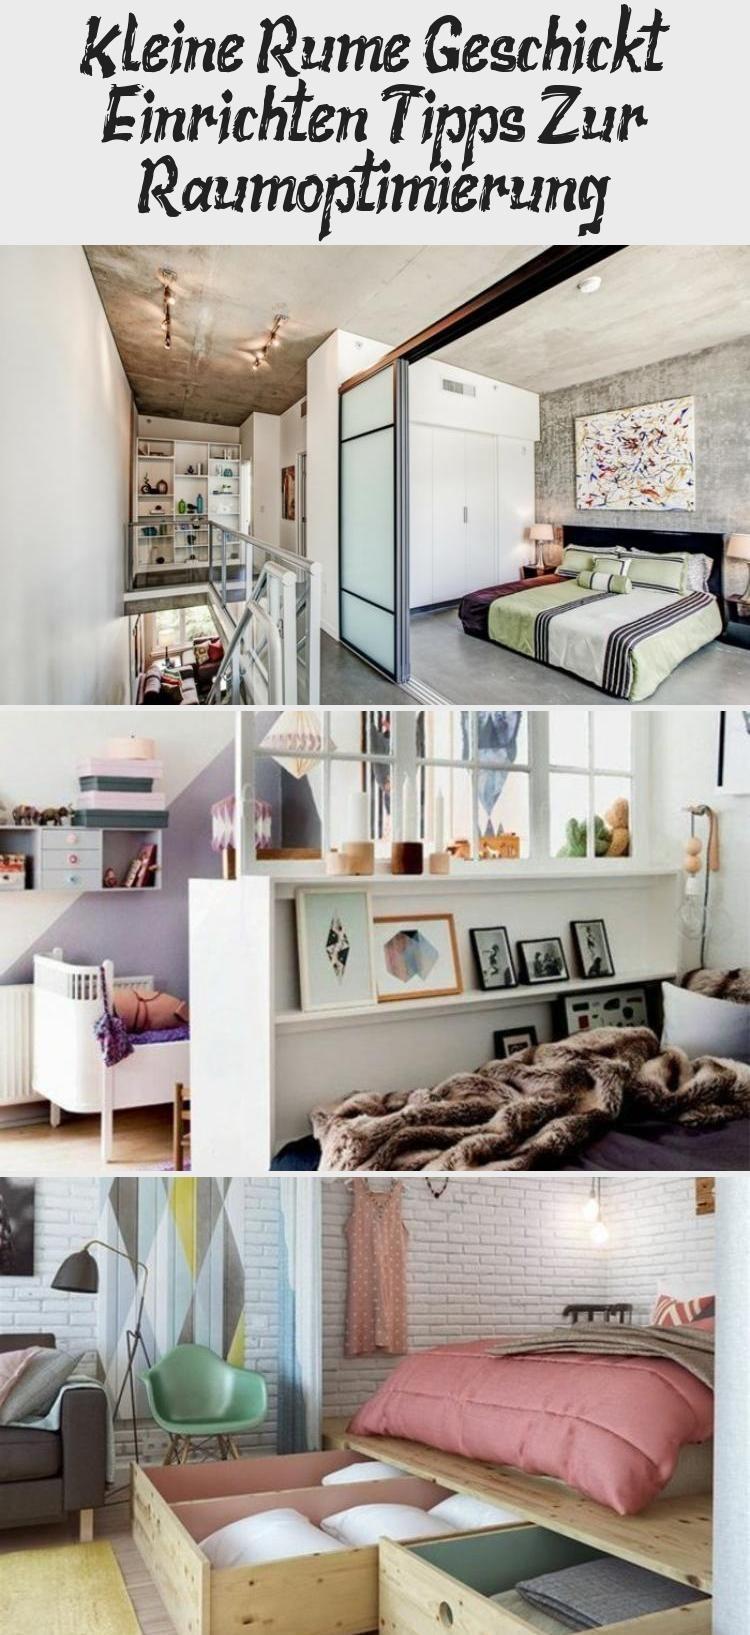 10 Qm Zimmer Einrichten Bett Mit Integriertem Kleiderschrank Treppen Musterteppich Weisser Boden Dekorationjugendzimmer Trep In 2020 Bedroom Set Built In Wardrobe Bed